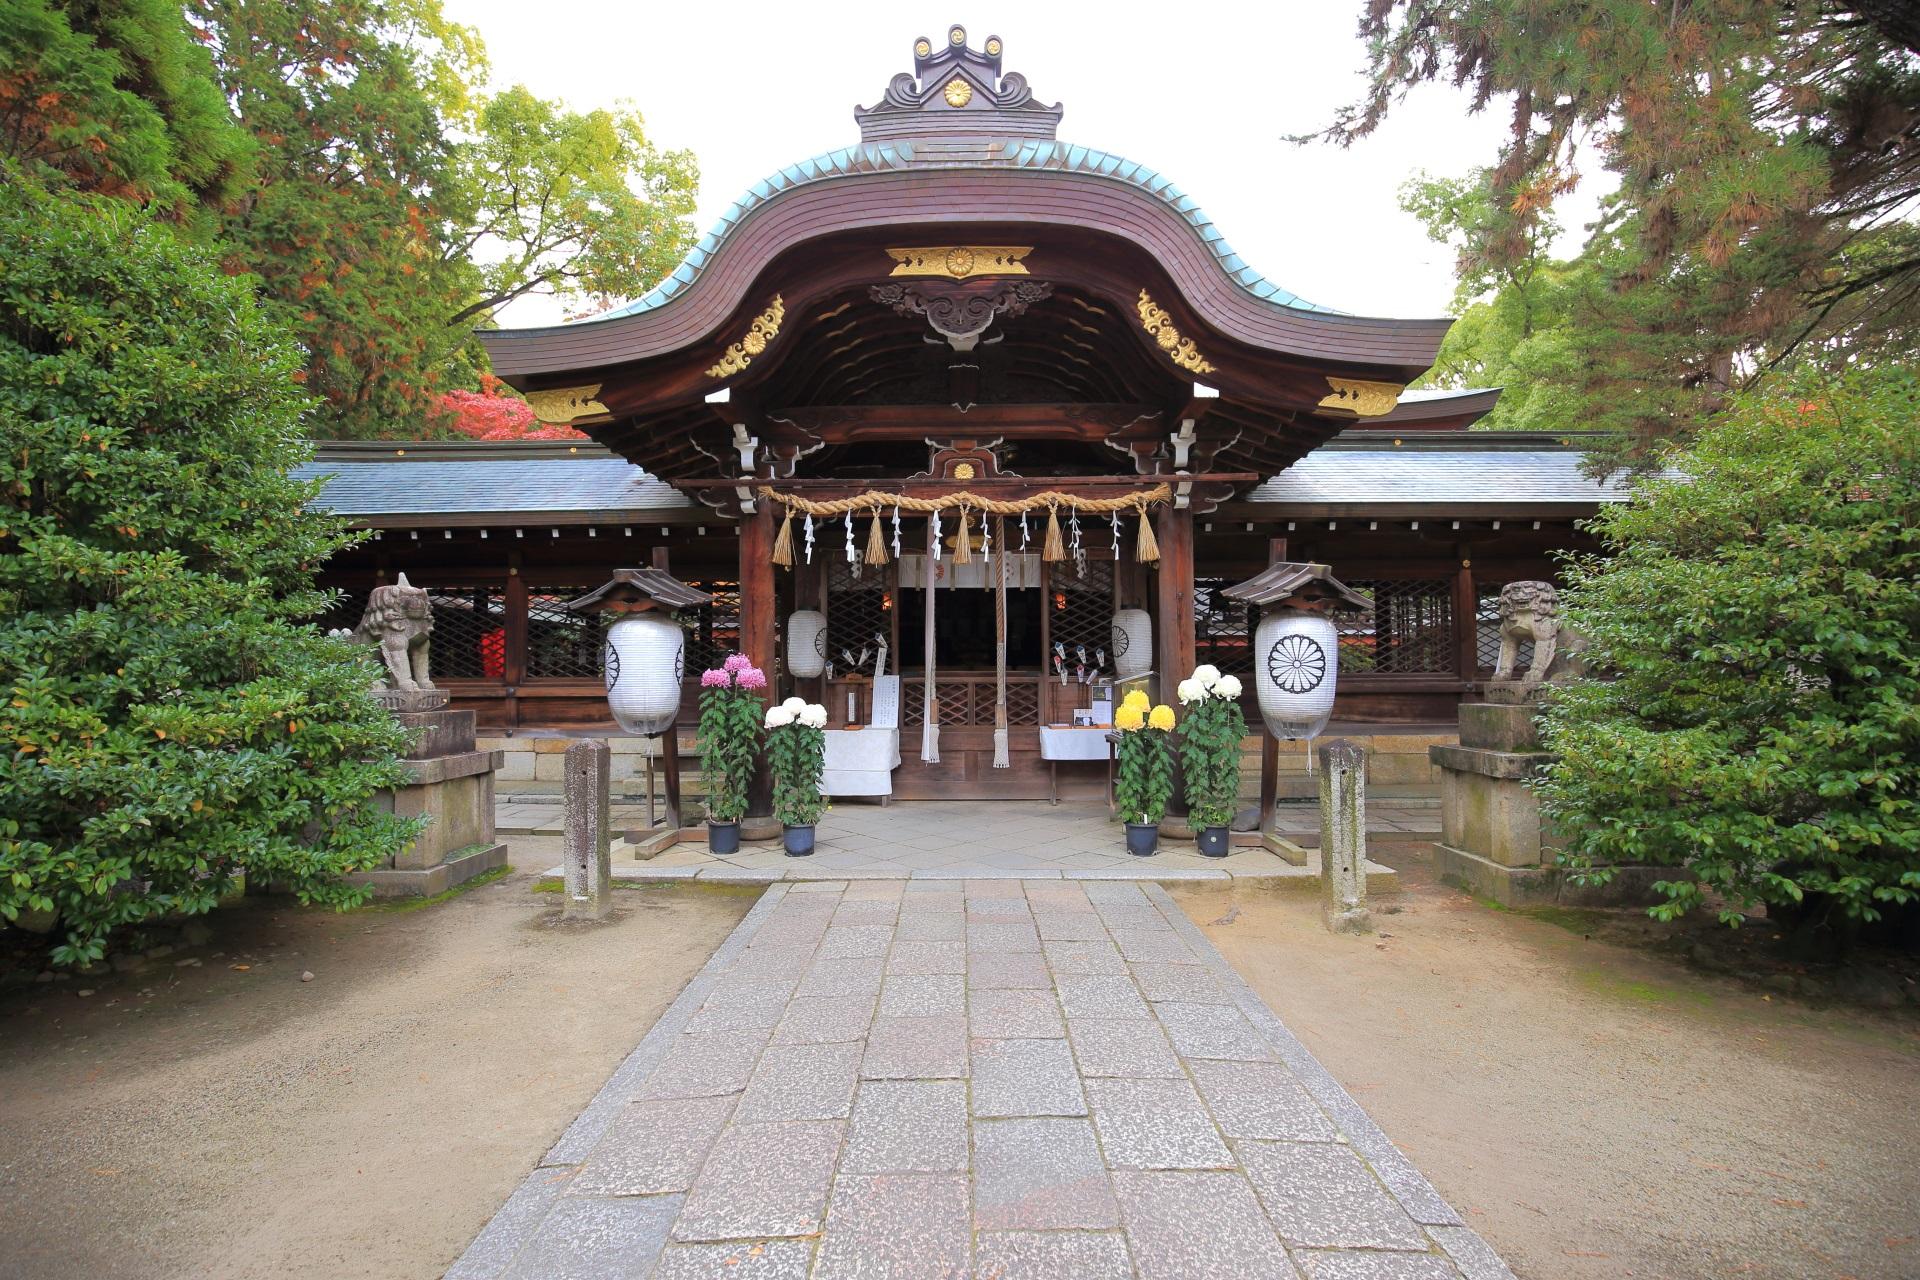 応仁の乱勃発地として知られる上御霊神社の本殿